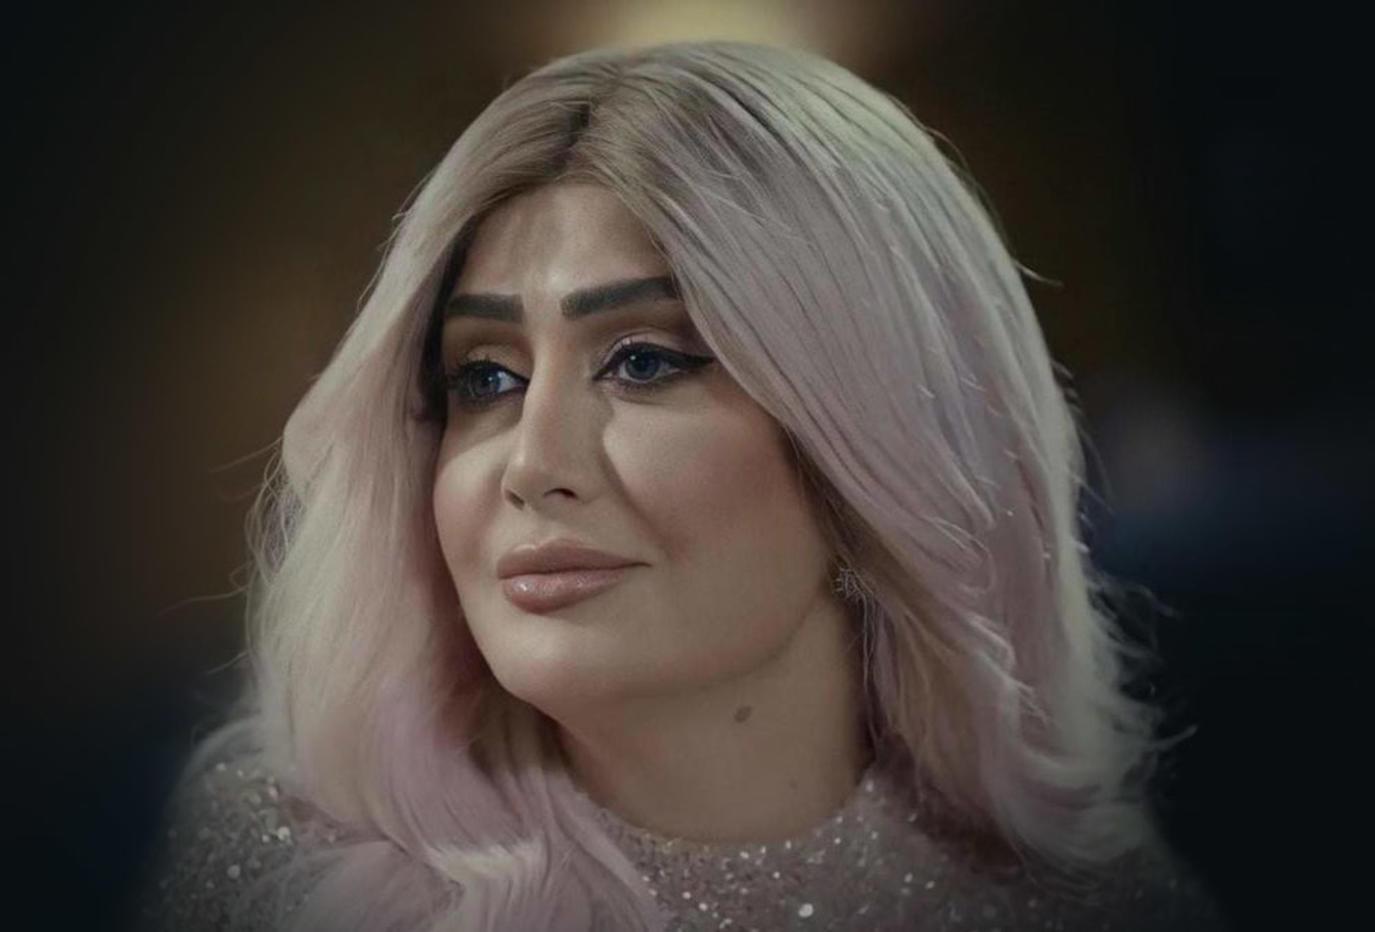 """غادة عبد الرازق تمحو منشوراتها عن """"إنستغرام"""" ..  ما الحكاية؟!"""